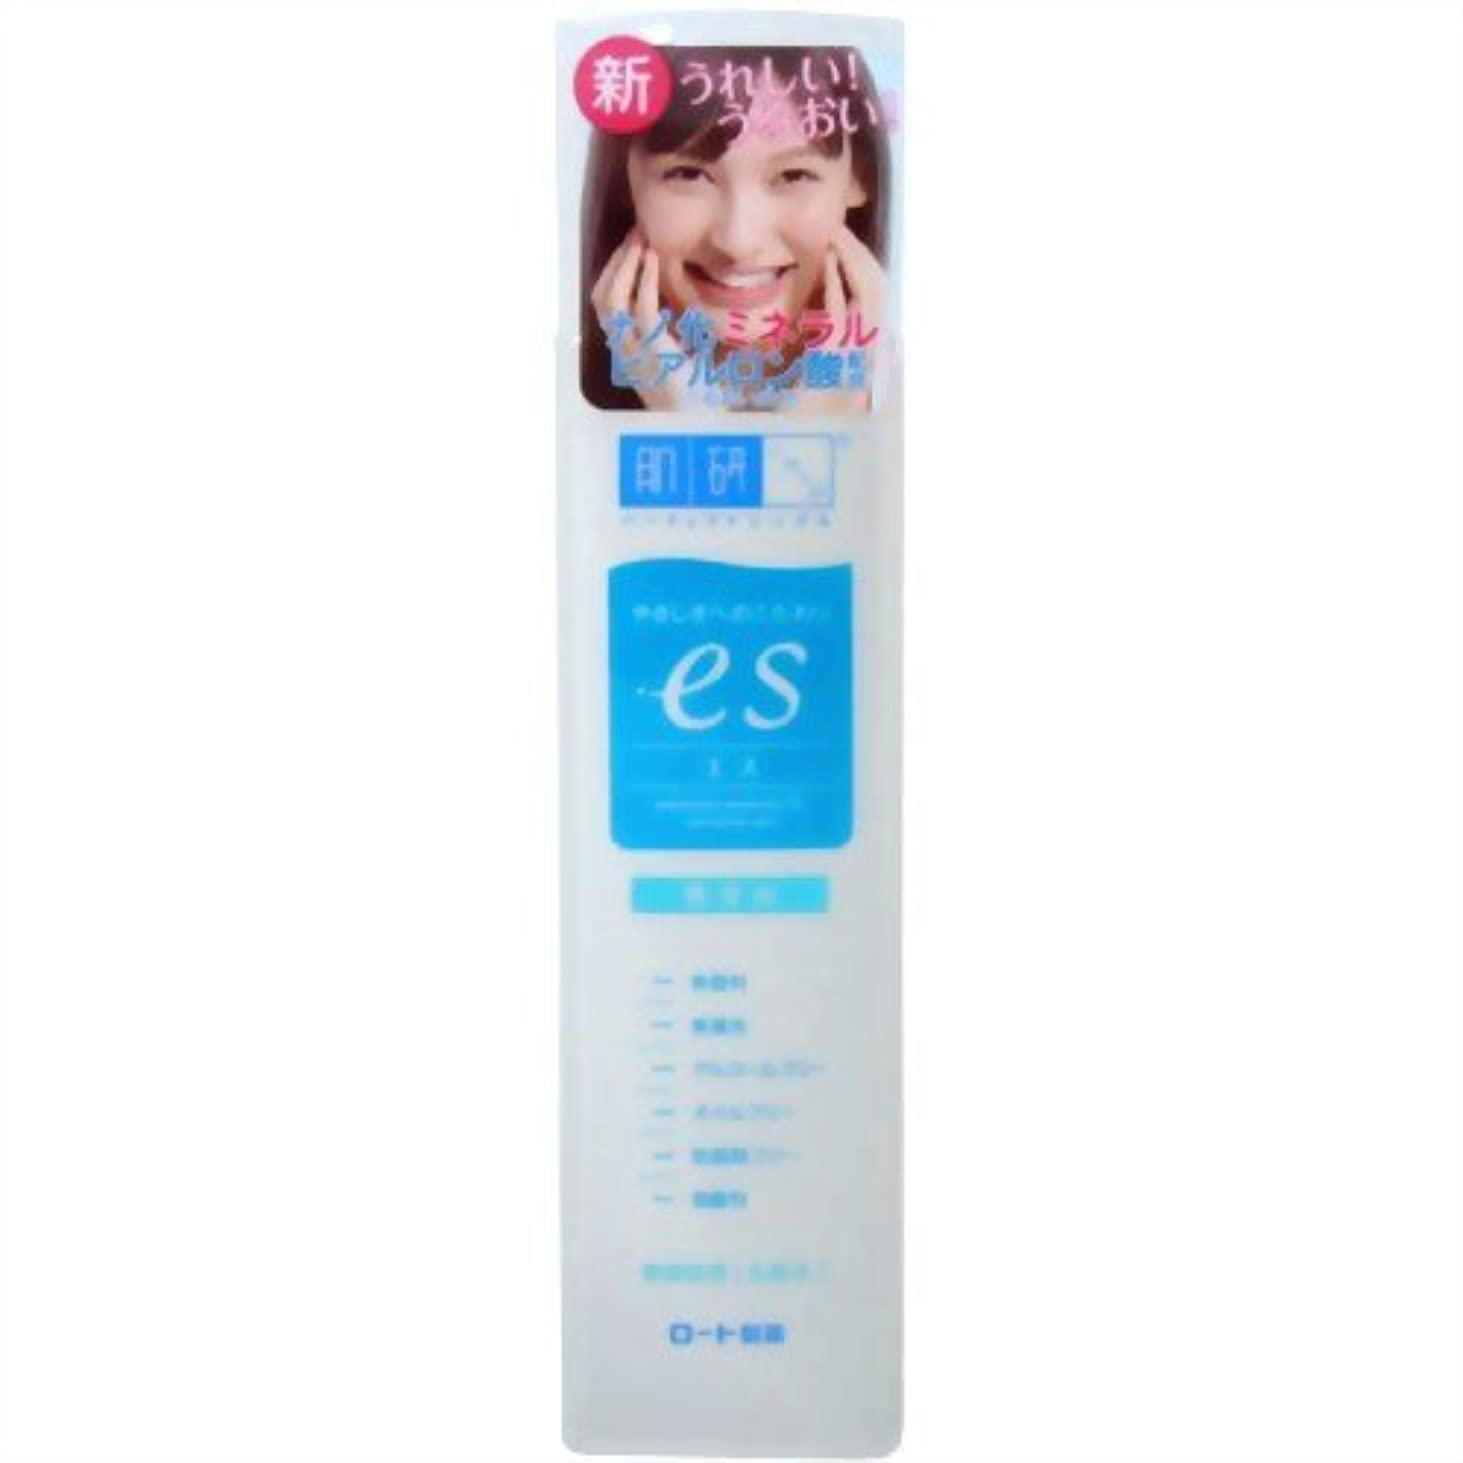 比類のない架空のシール肌ラボ es(エス) ナノ化ミネラルヒアルロン酸配合 無添加処方 化粧水 170mL